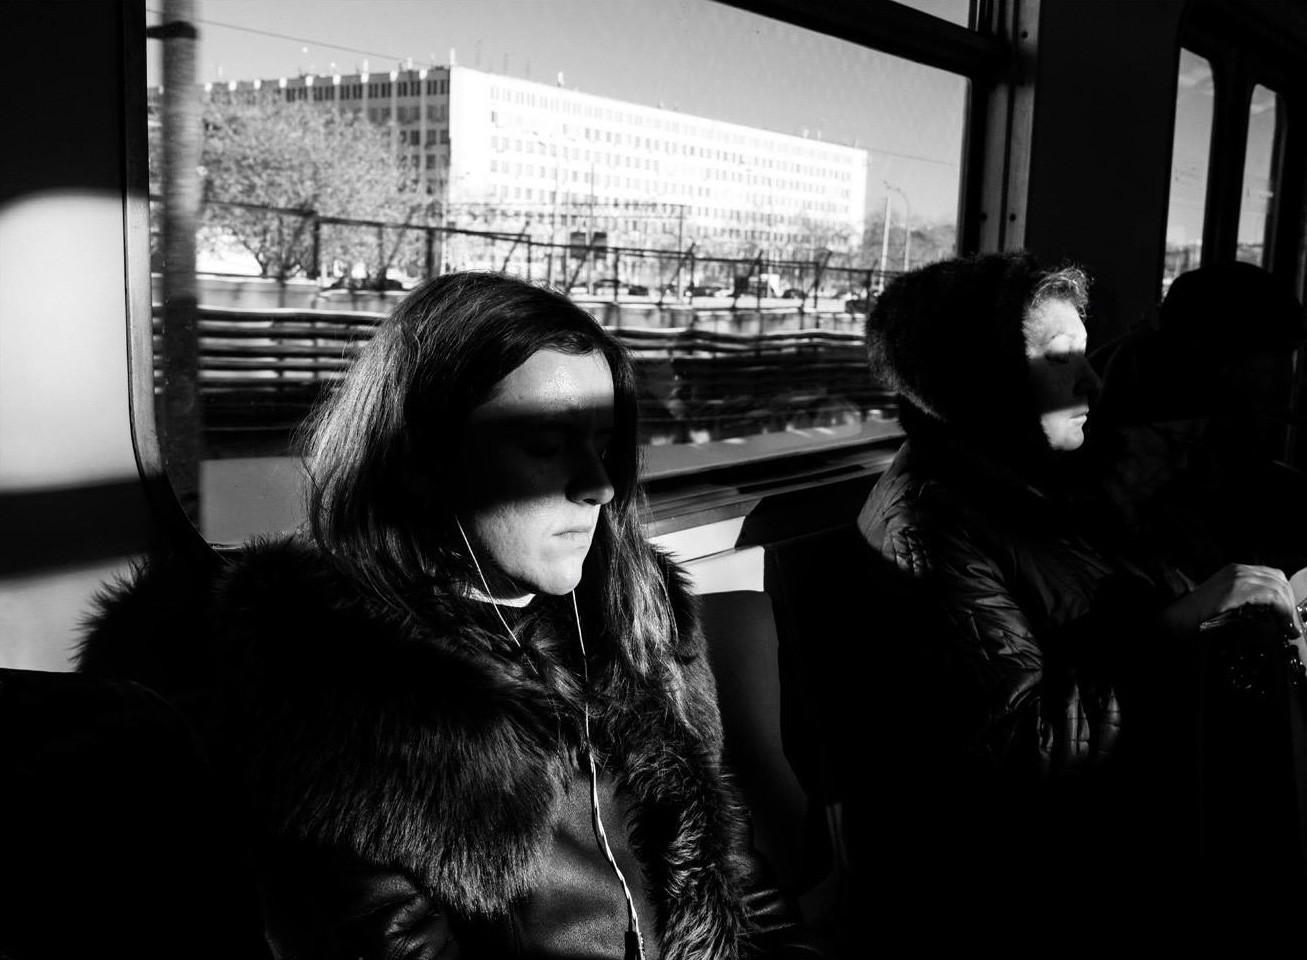 Metro nad tlemi med postajama Tekstilščiki in Volgogradski prospekt, januar 2017